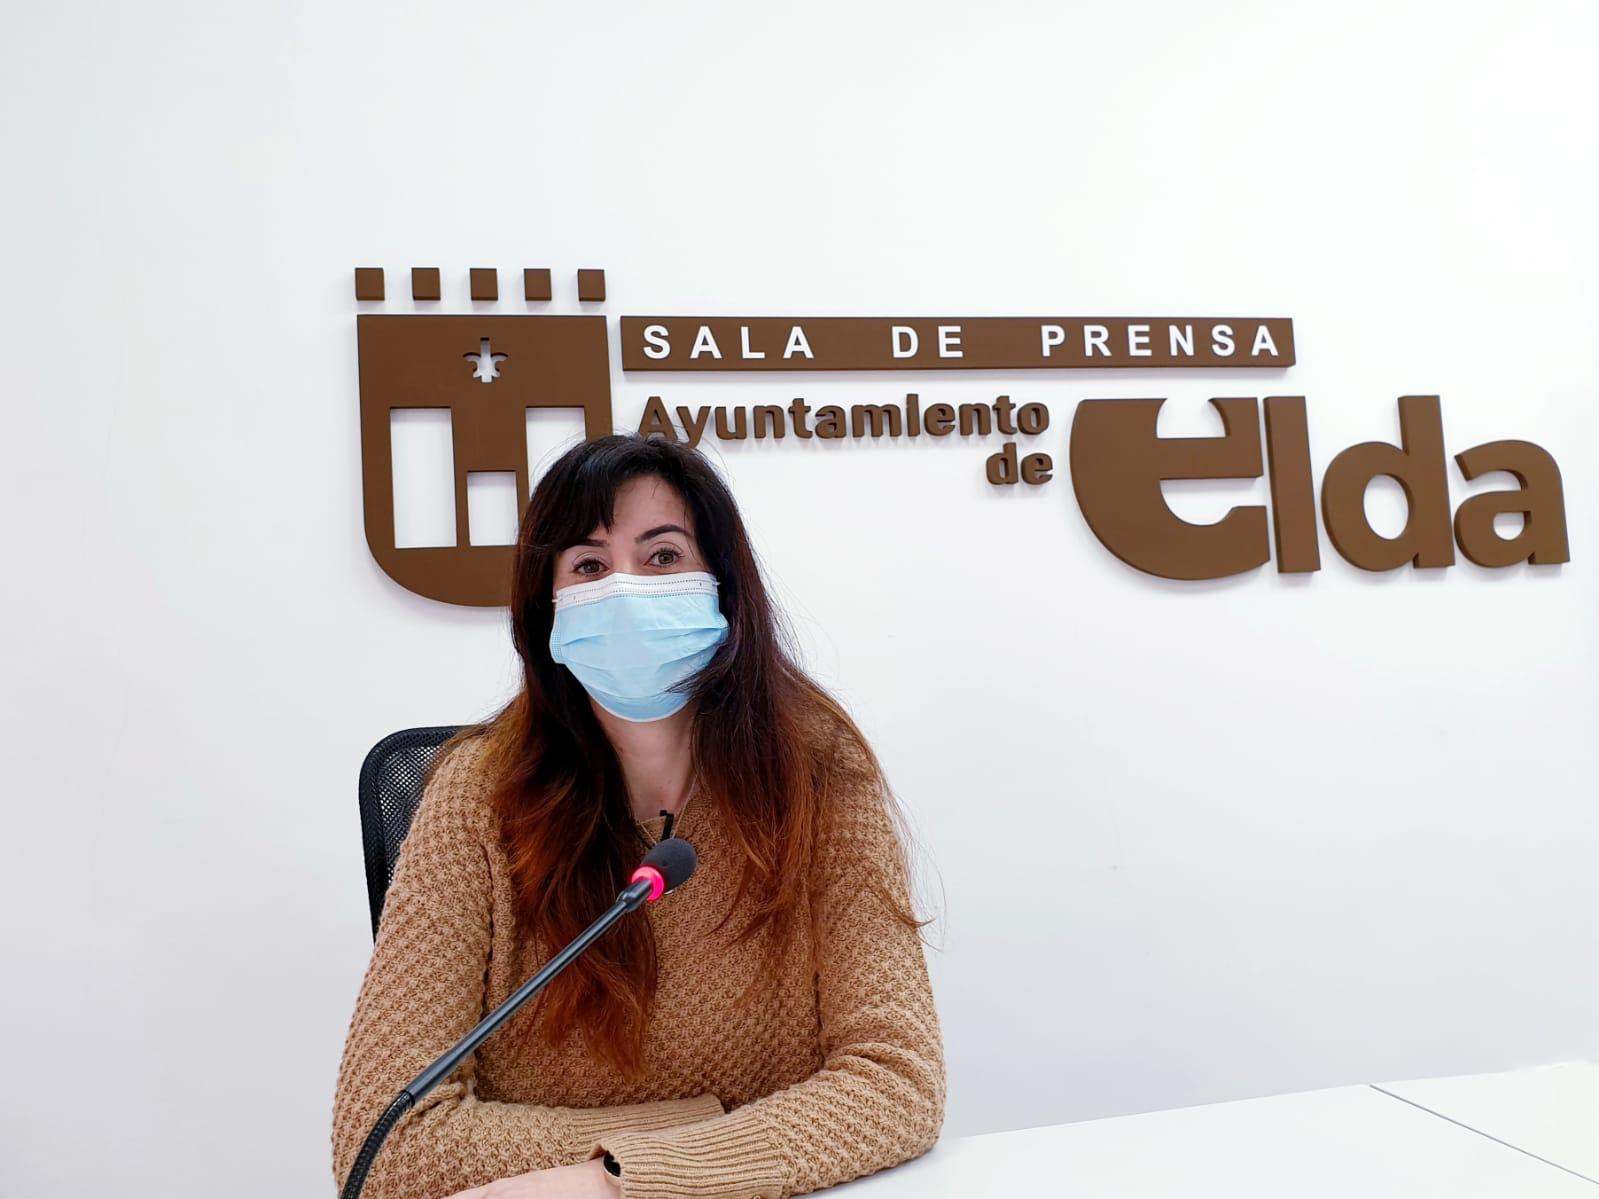 El Instituto Municipal de Servicios Sociales destinó el año pasado cerca de un millón de euros a ayudas para atender a 1.246 personas